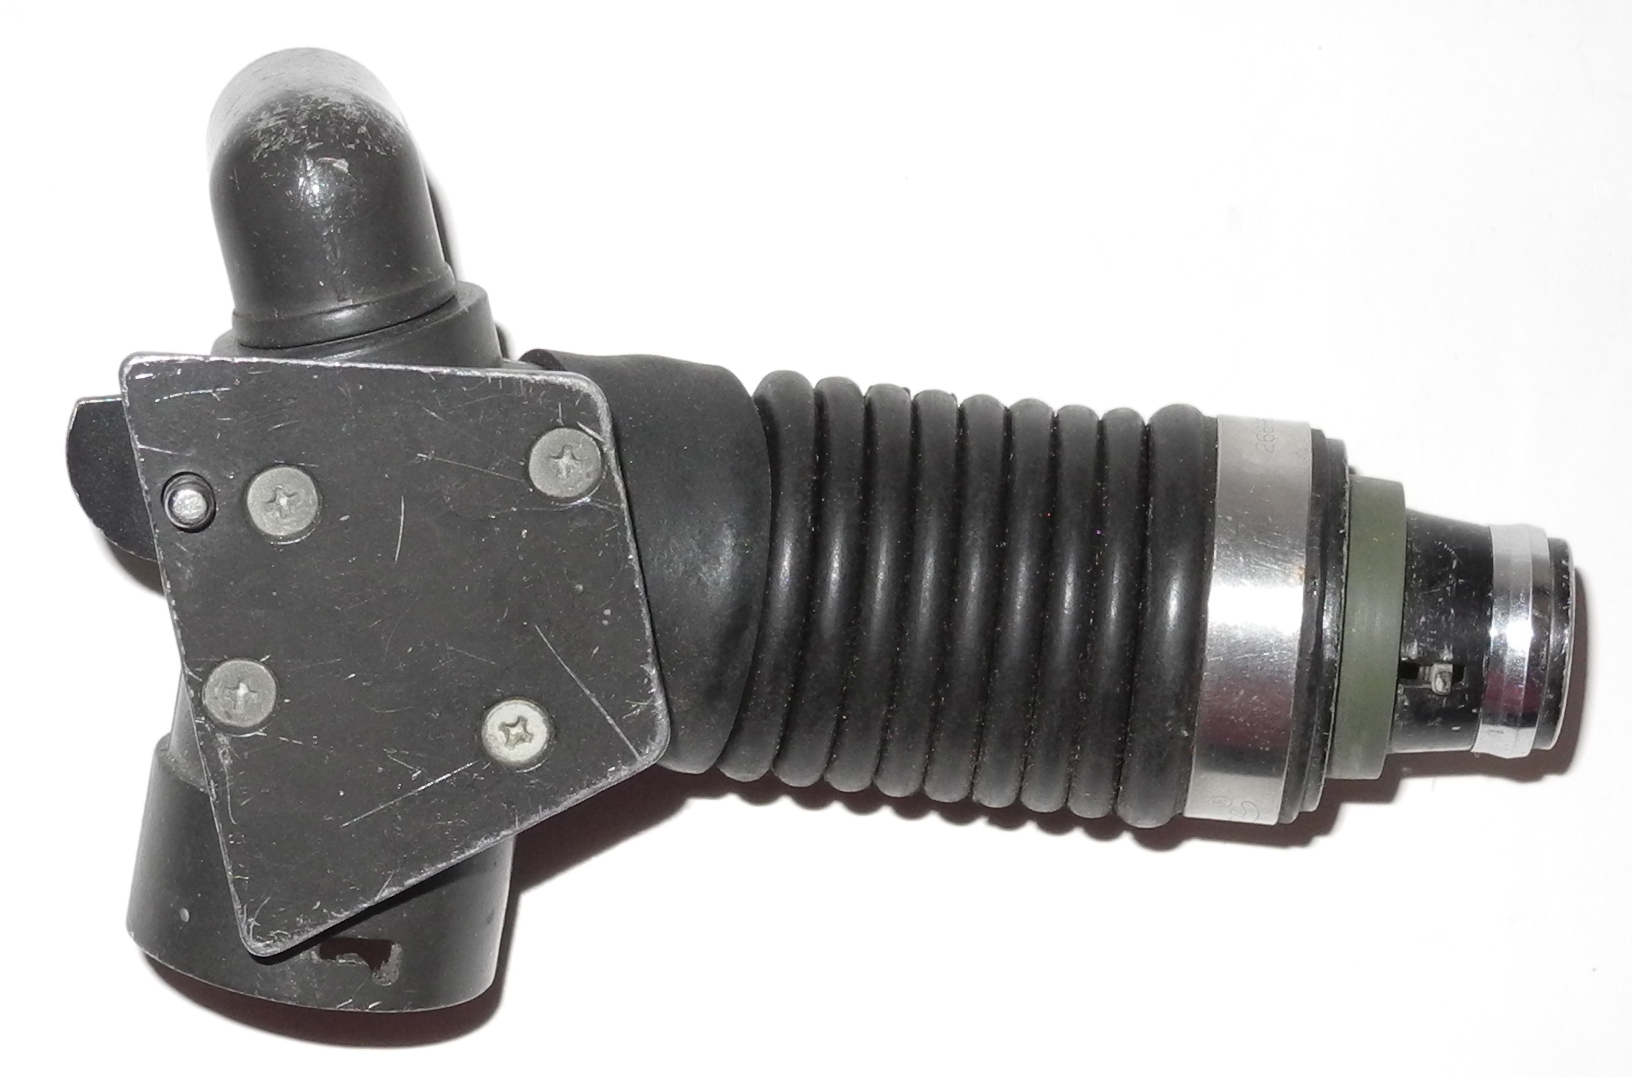 USAF CRU-60 mask / hose connector